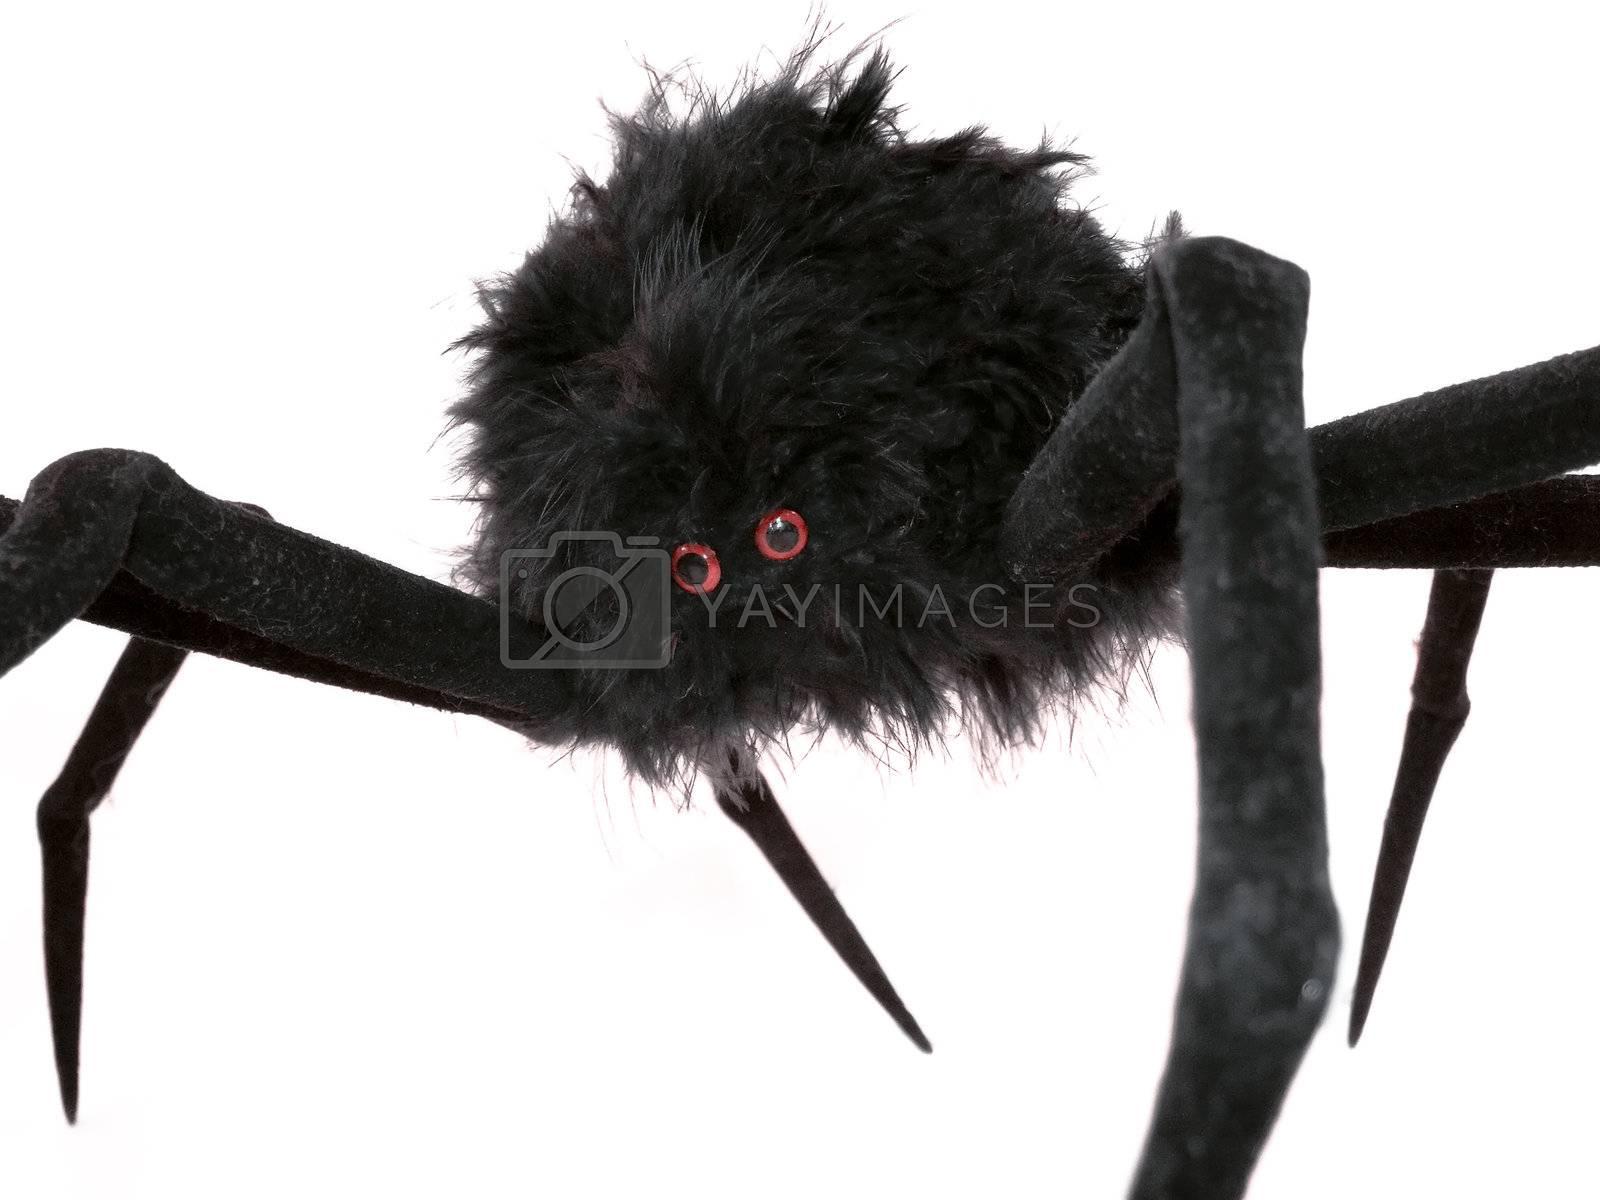 Black spider toy  by PauloResende